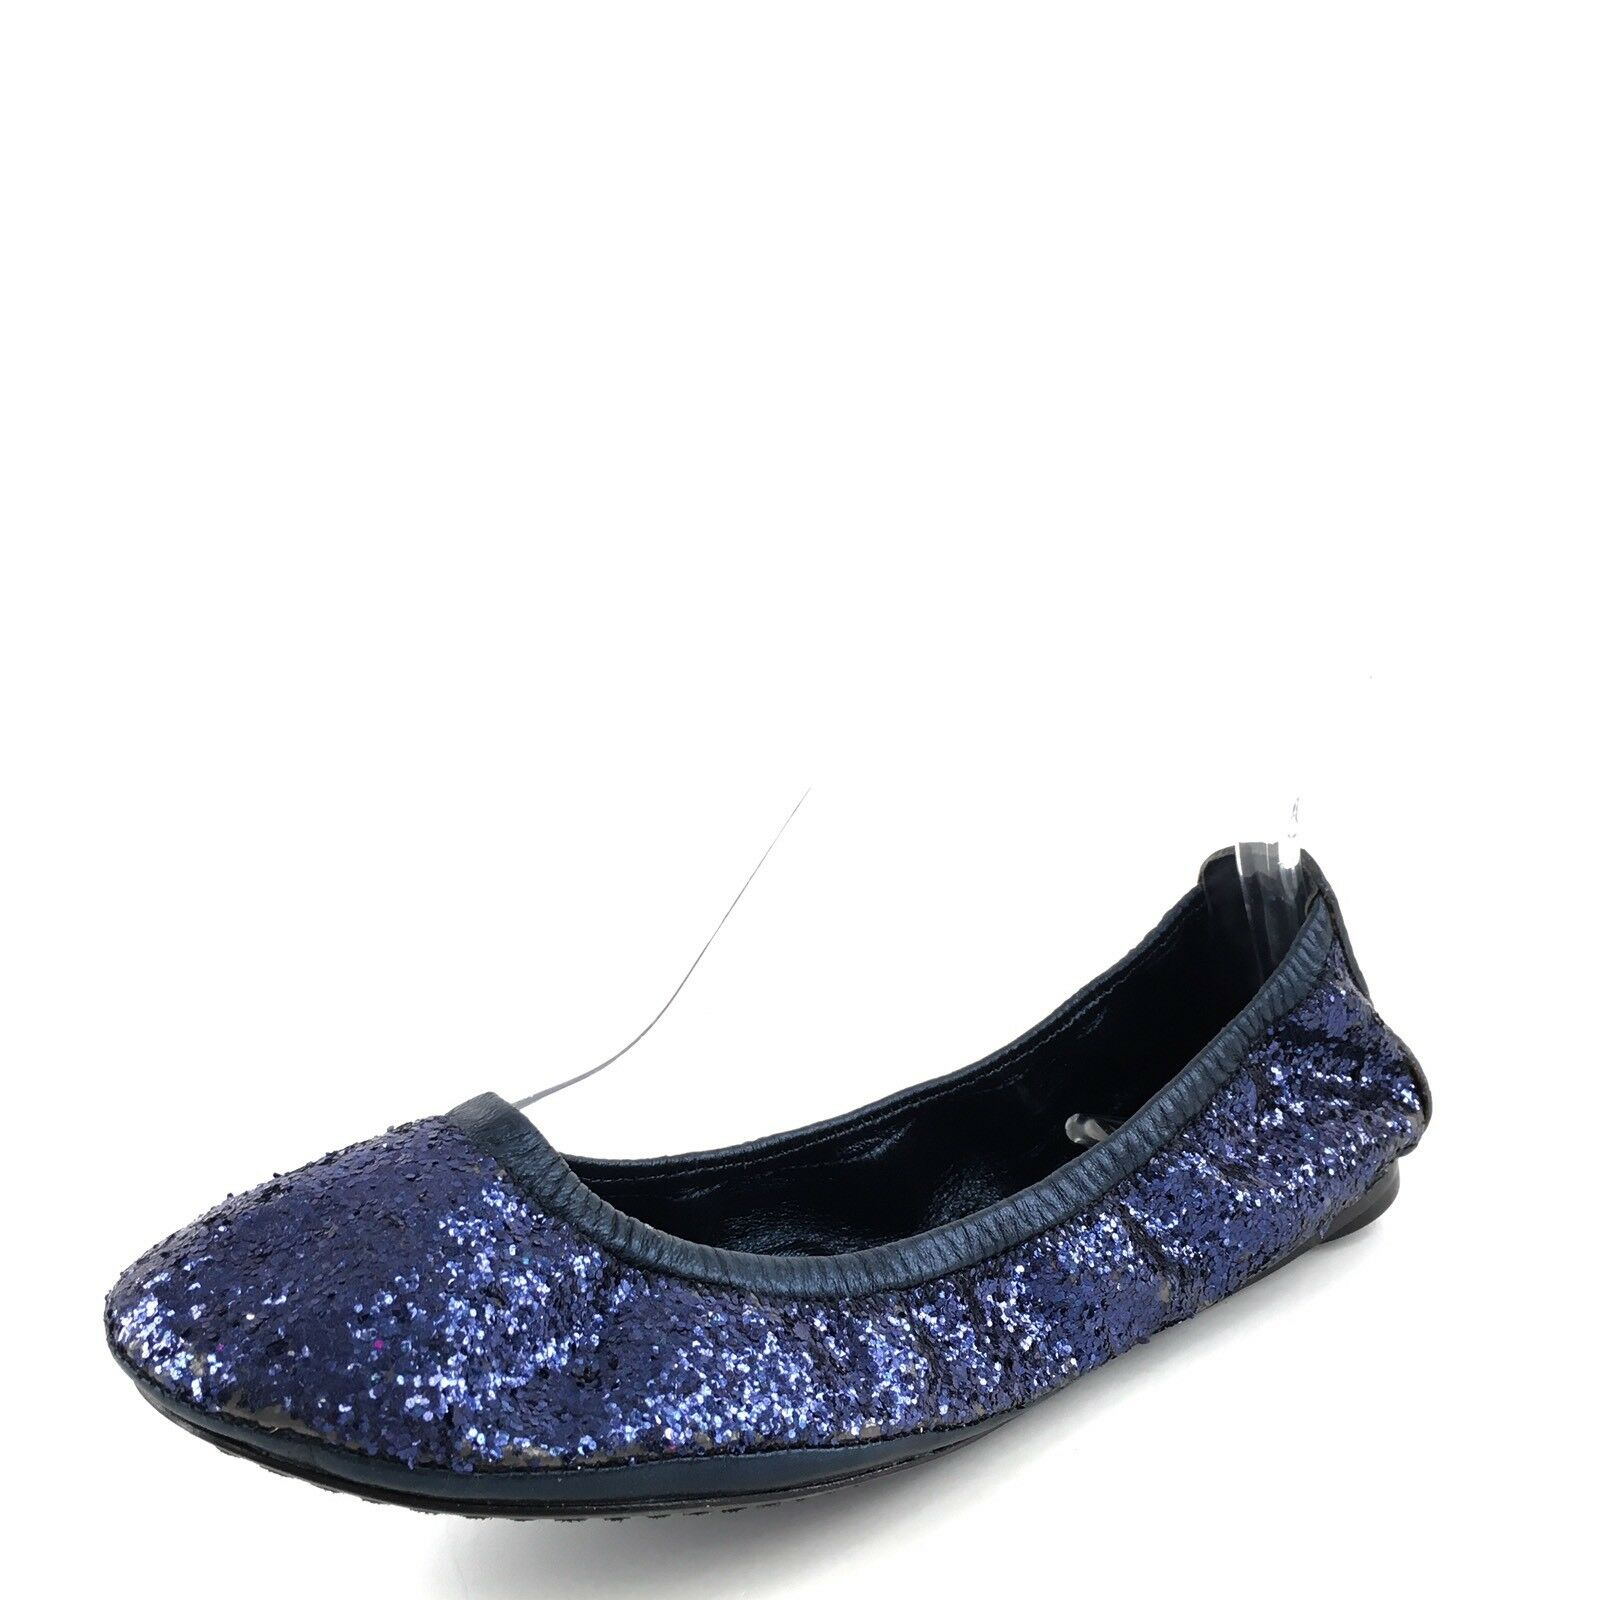 Tory Burch Burch Burch Eddie Púrpura Brillo Ballet Zapatos sin Taco Sin para mujer Talla 6.5 m  198   genuina alta calidad